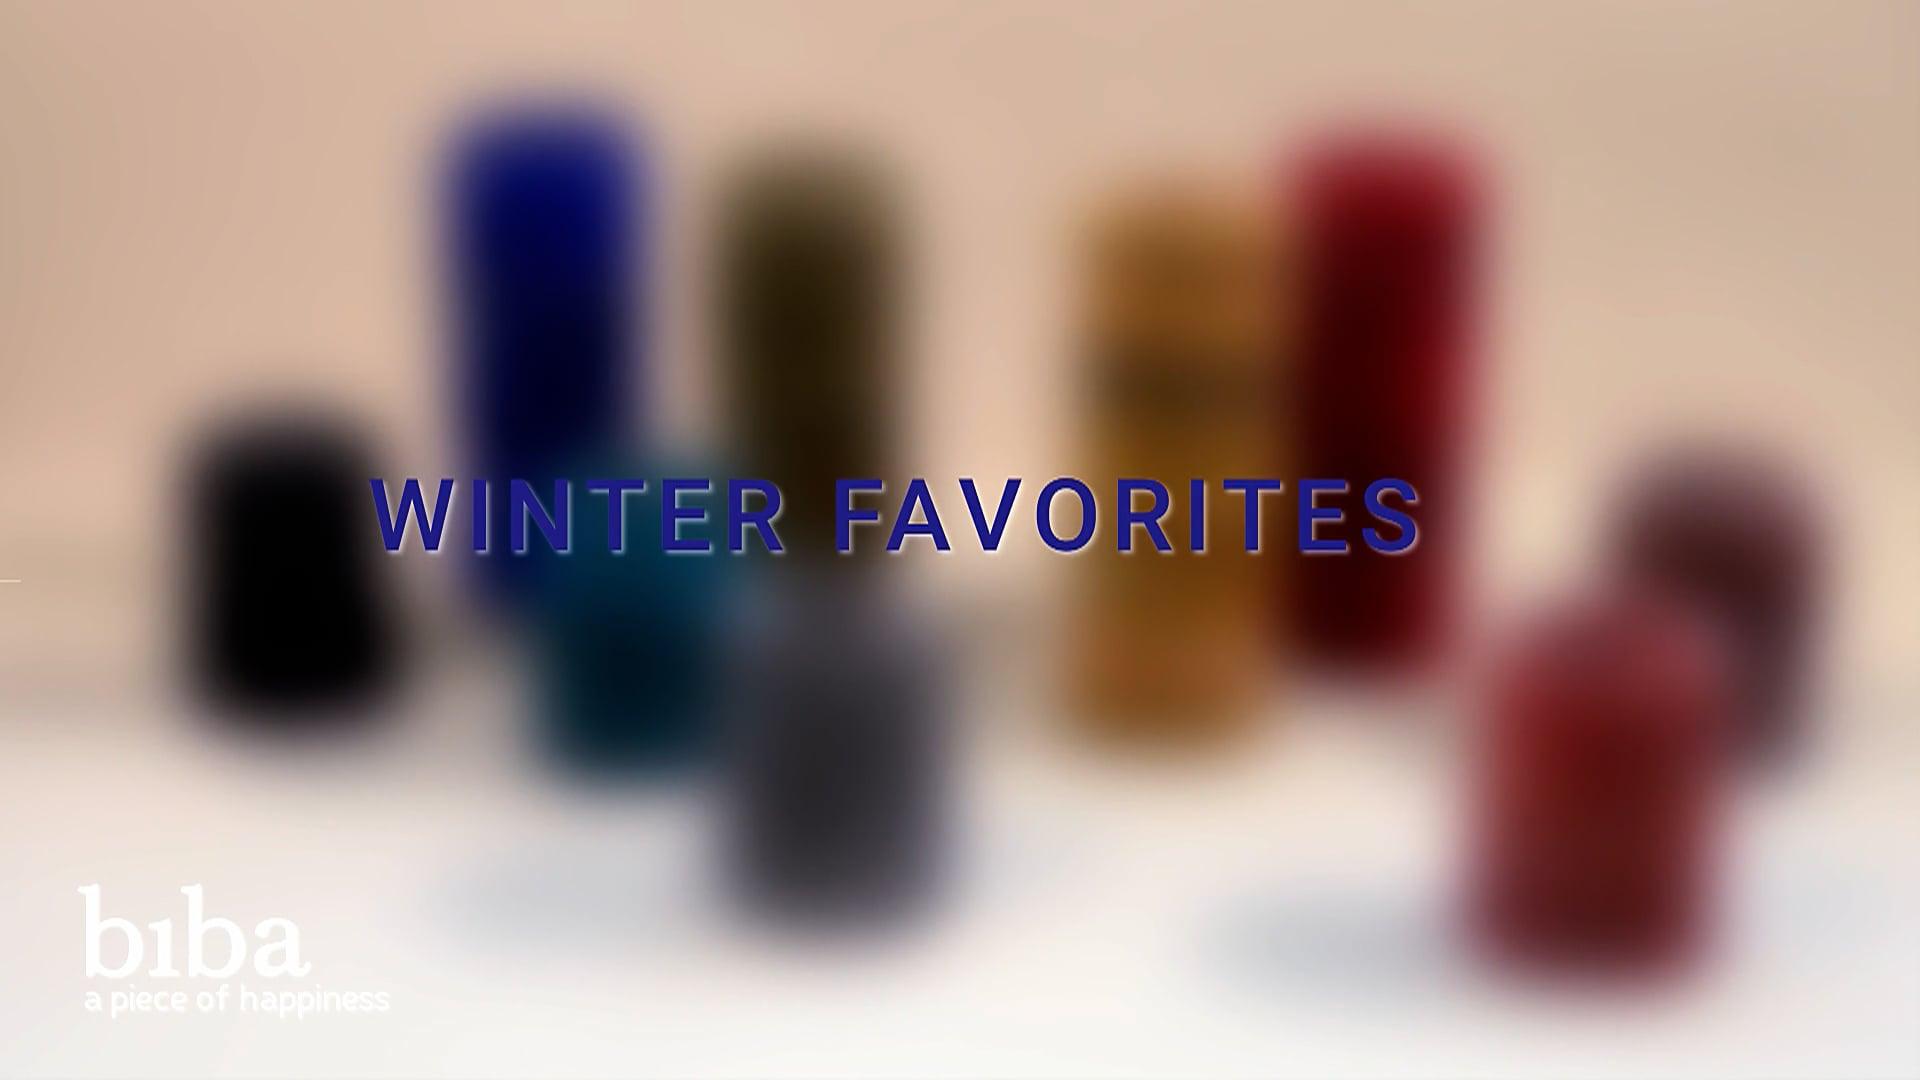 Biba Winter Favorites AW21